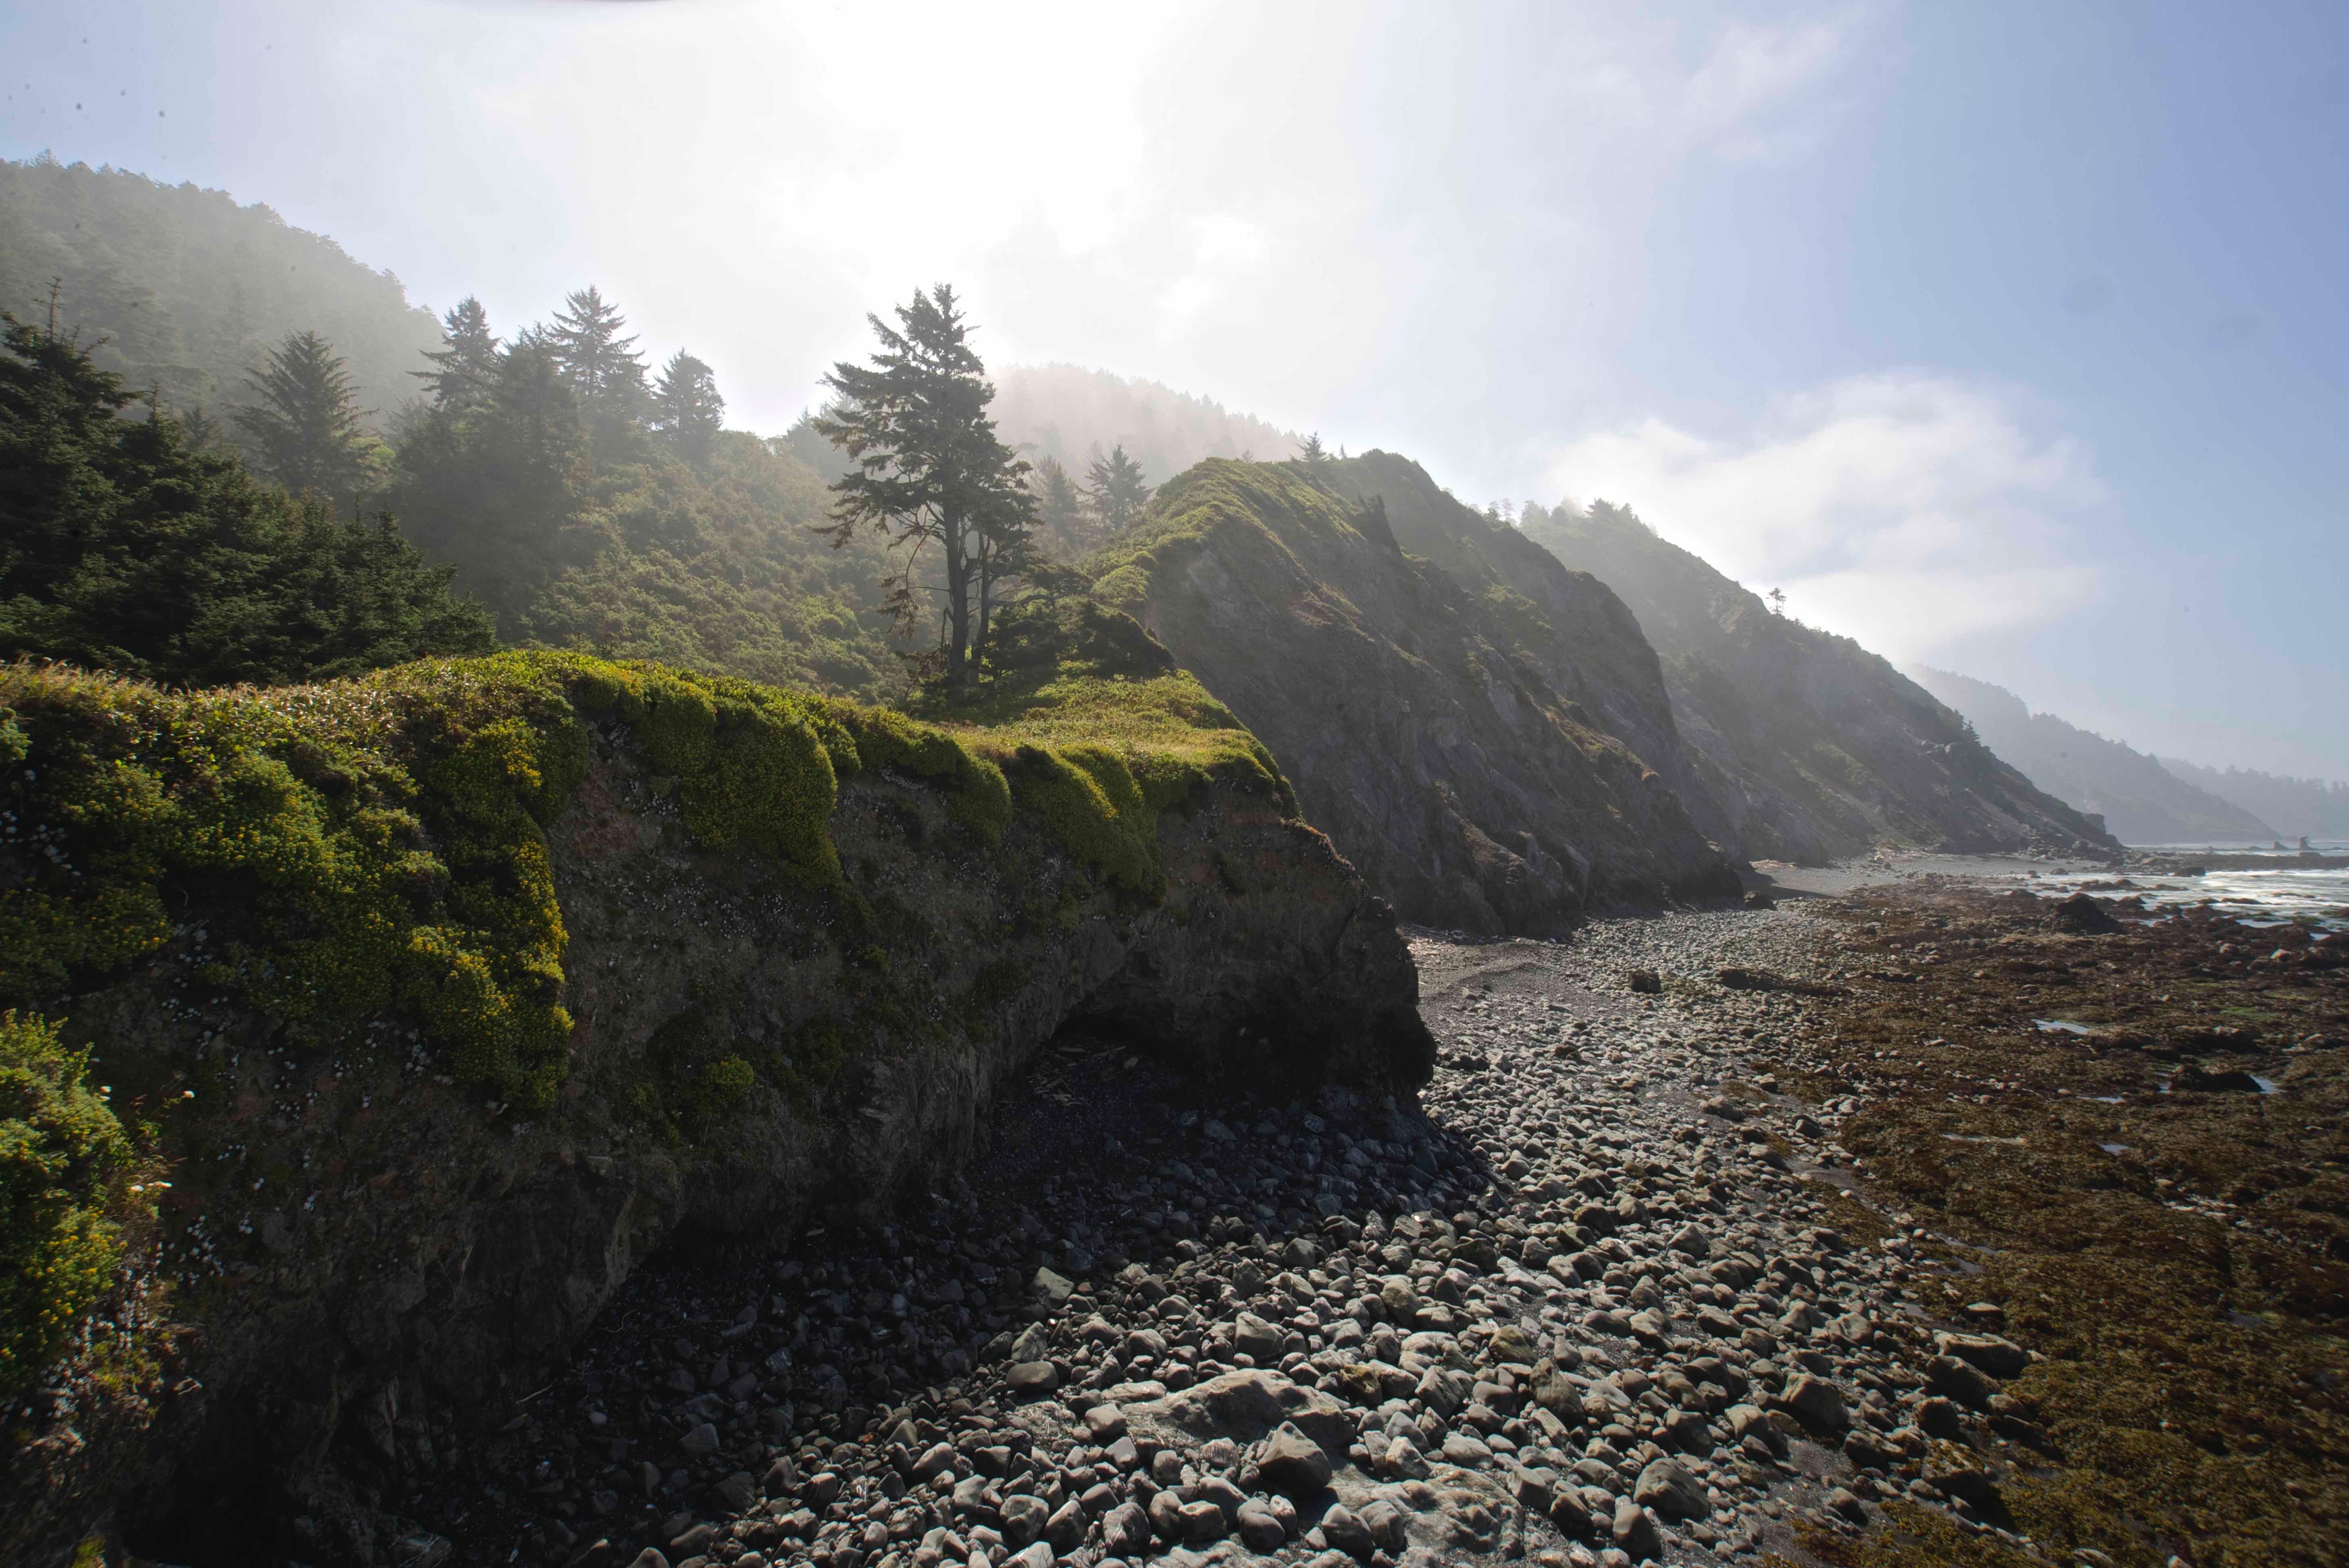 Del Norte Coast Redwoods Sp